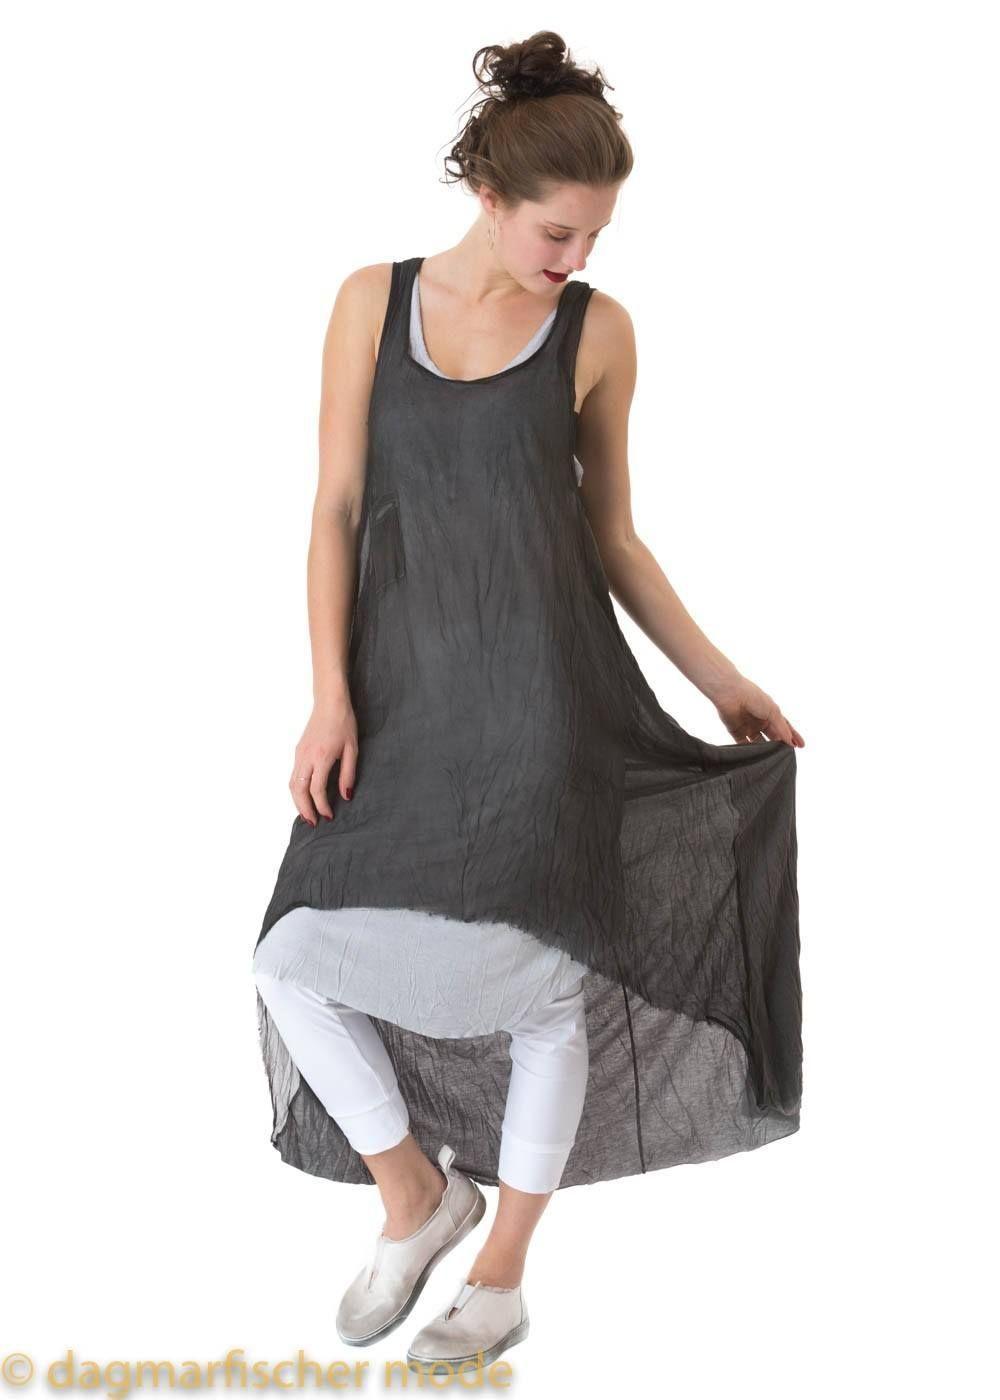 langes top / kleid mit seidenanteil von umit unal